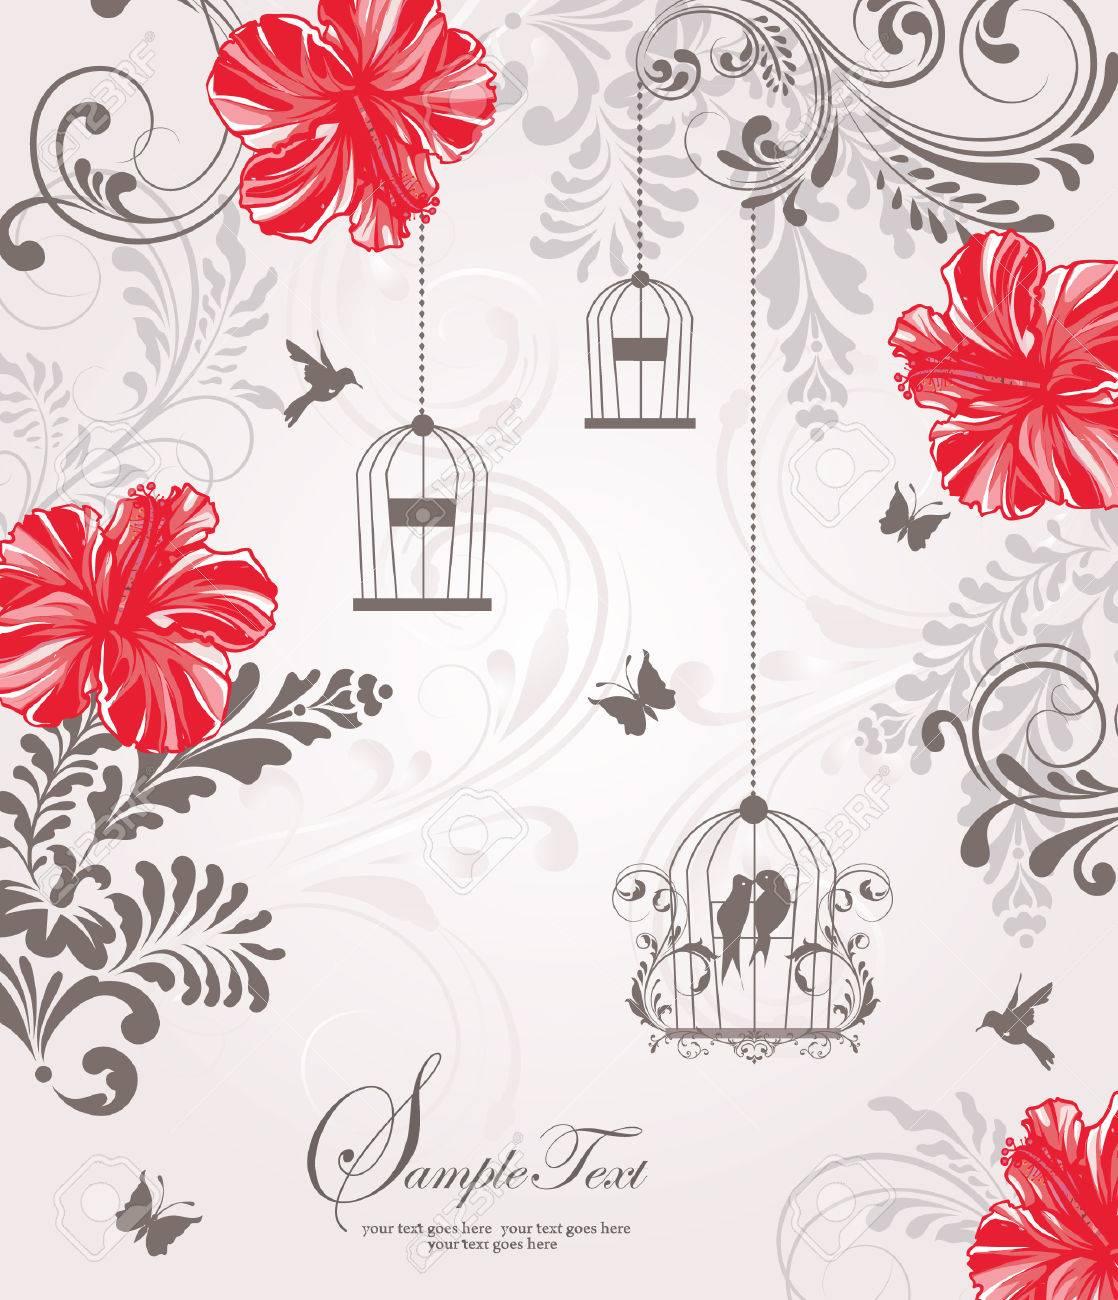 Vintage Birdcage Wedding Invitation Card Royalty Free Cliparts ...